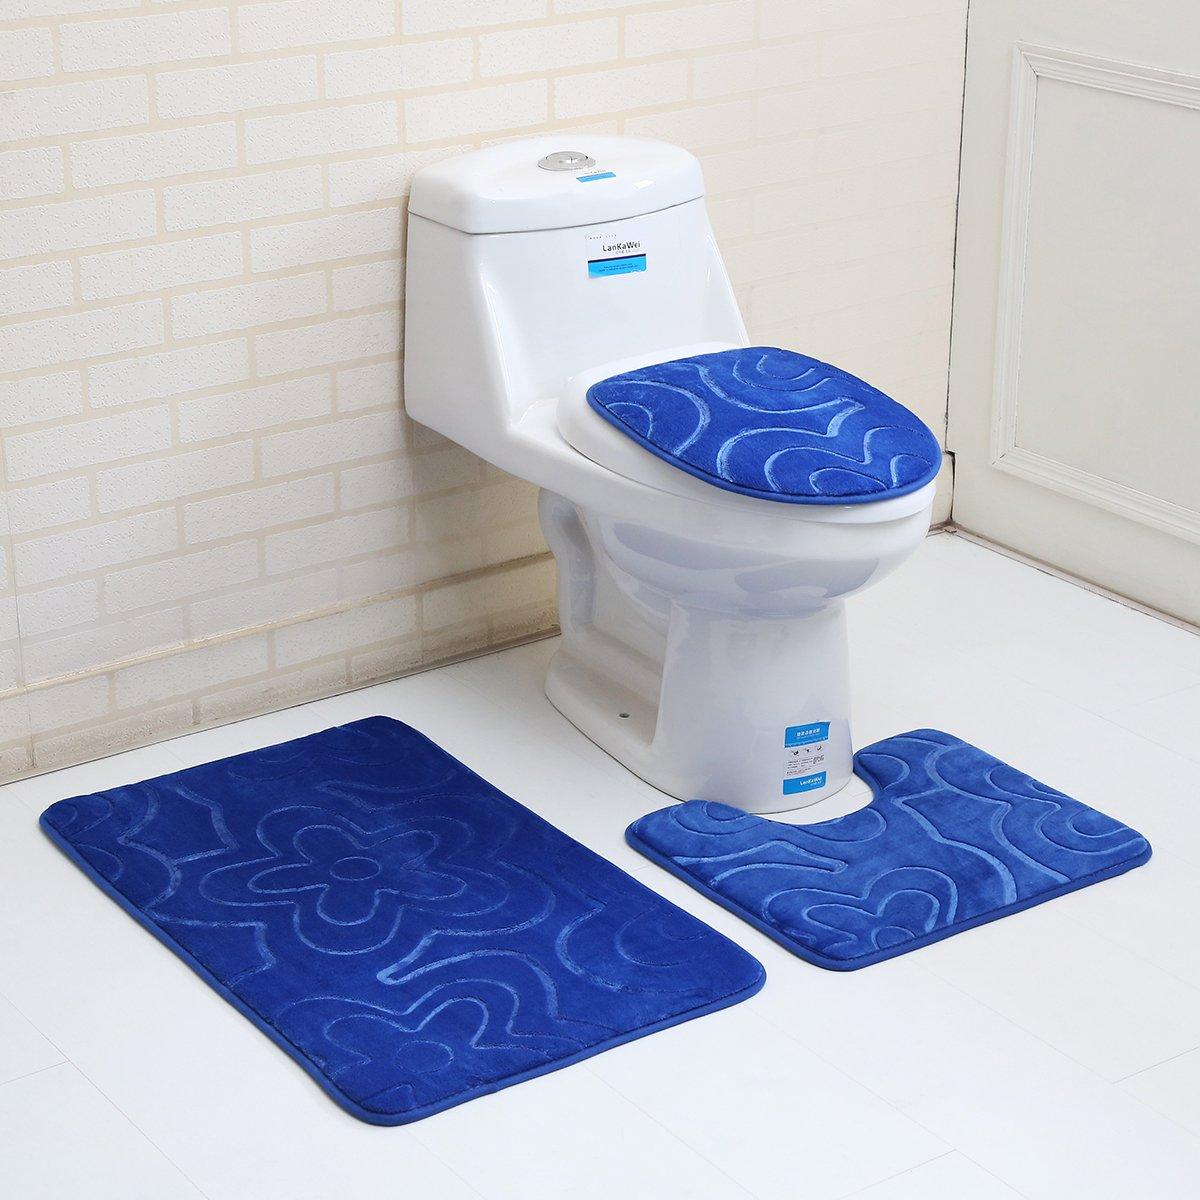 """3PC Bath Mat Rug Set Bathroom Non-Slip Floor Mat Flannel Pedestal Rug(15.7""""x19.7"""") + Lid Toilet Cover(15.7""""x17.7"""") + Bath Mat Makaor (19.7""""x31.4"""") (Dark blue)"""